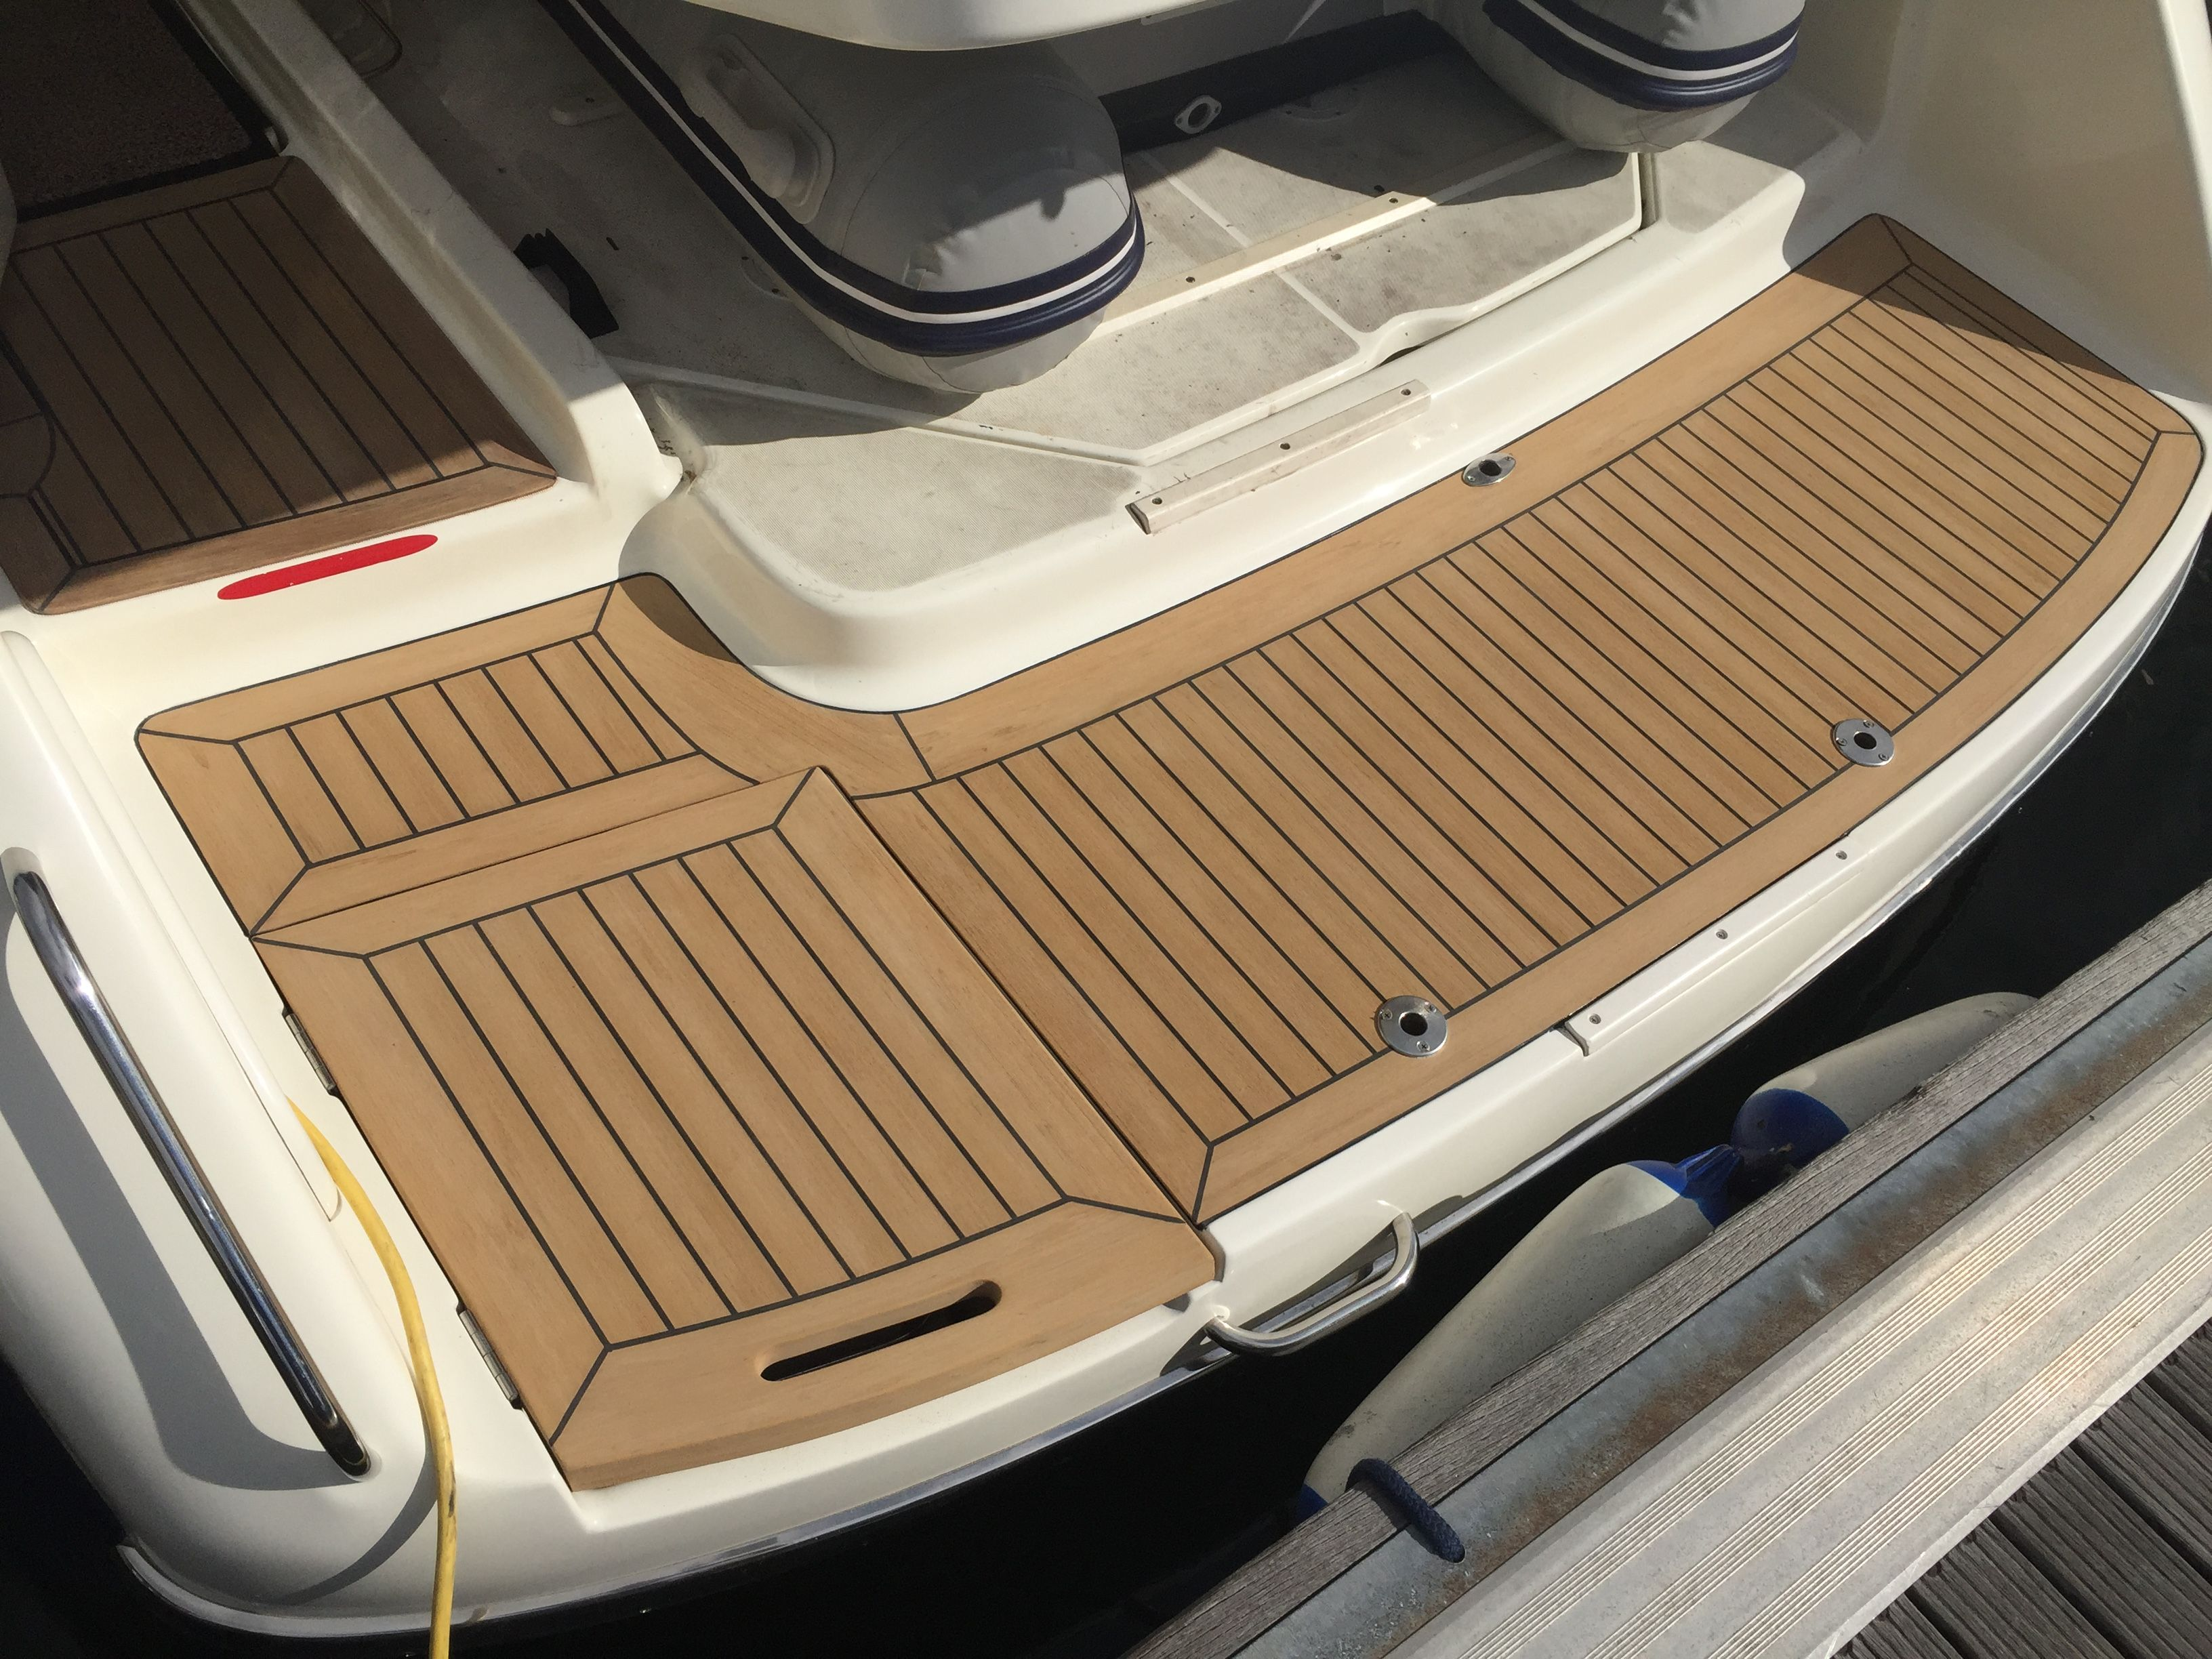 composite wood boat docks high hardness epoxy marine ...